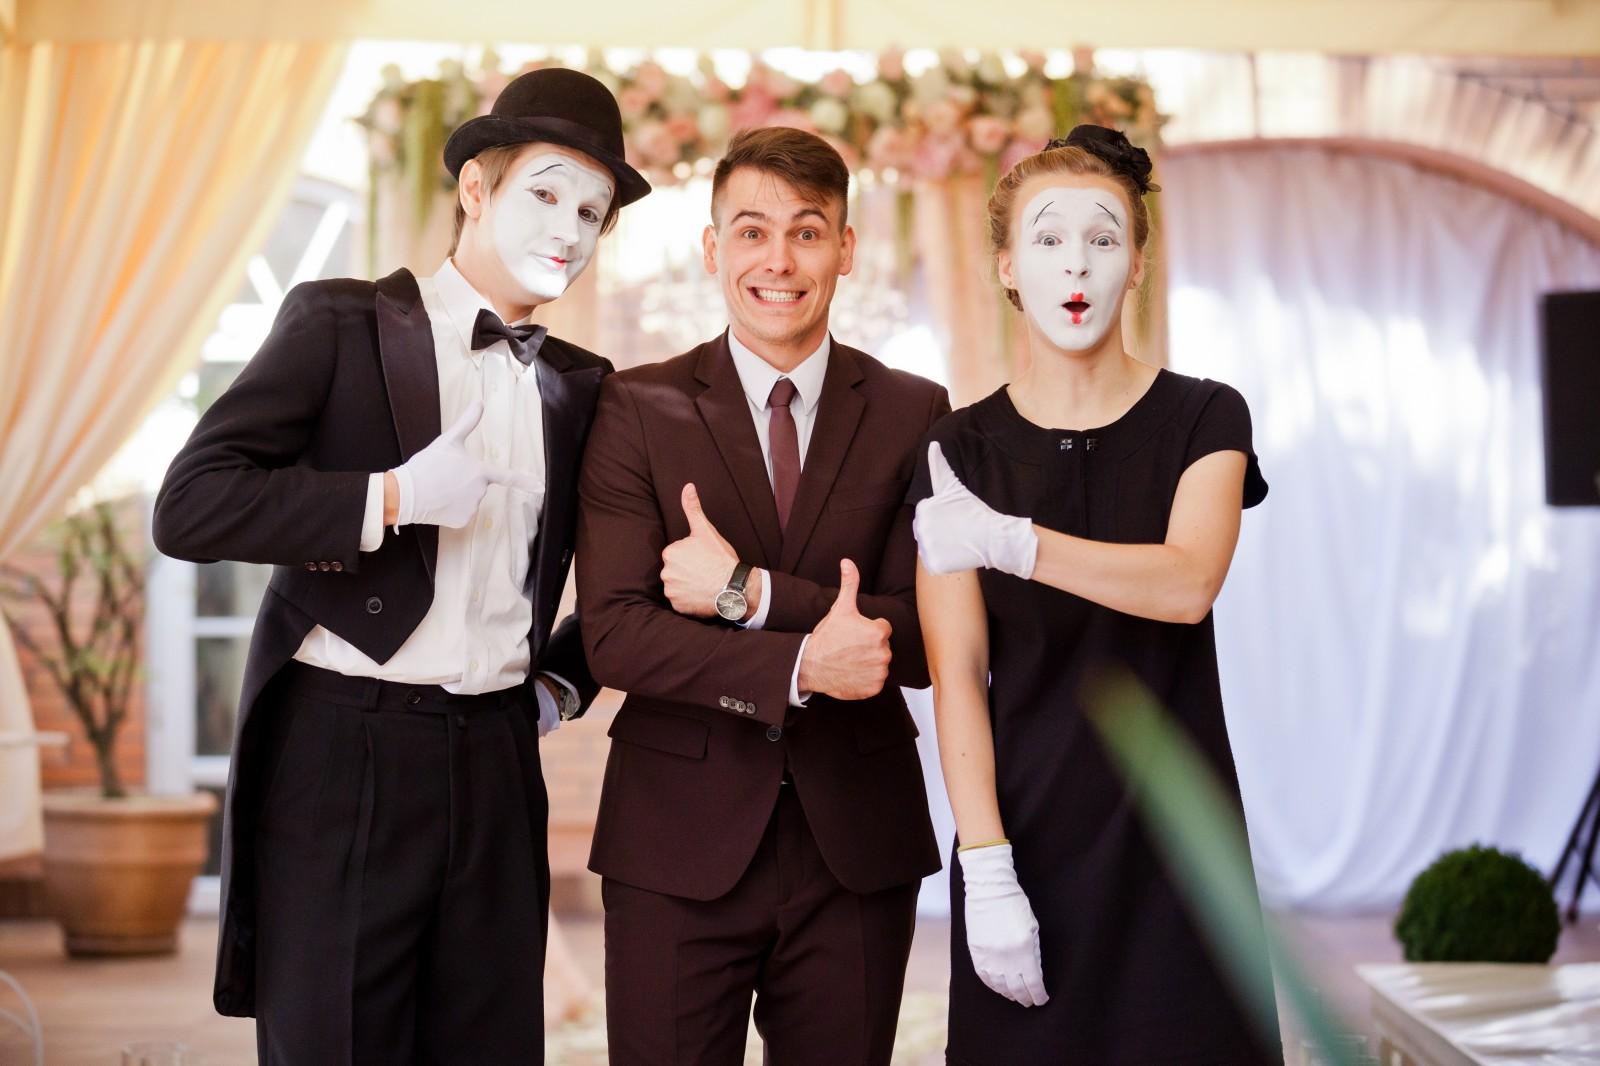 Как сделать свадьбу интересной и веселой?